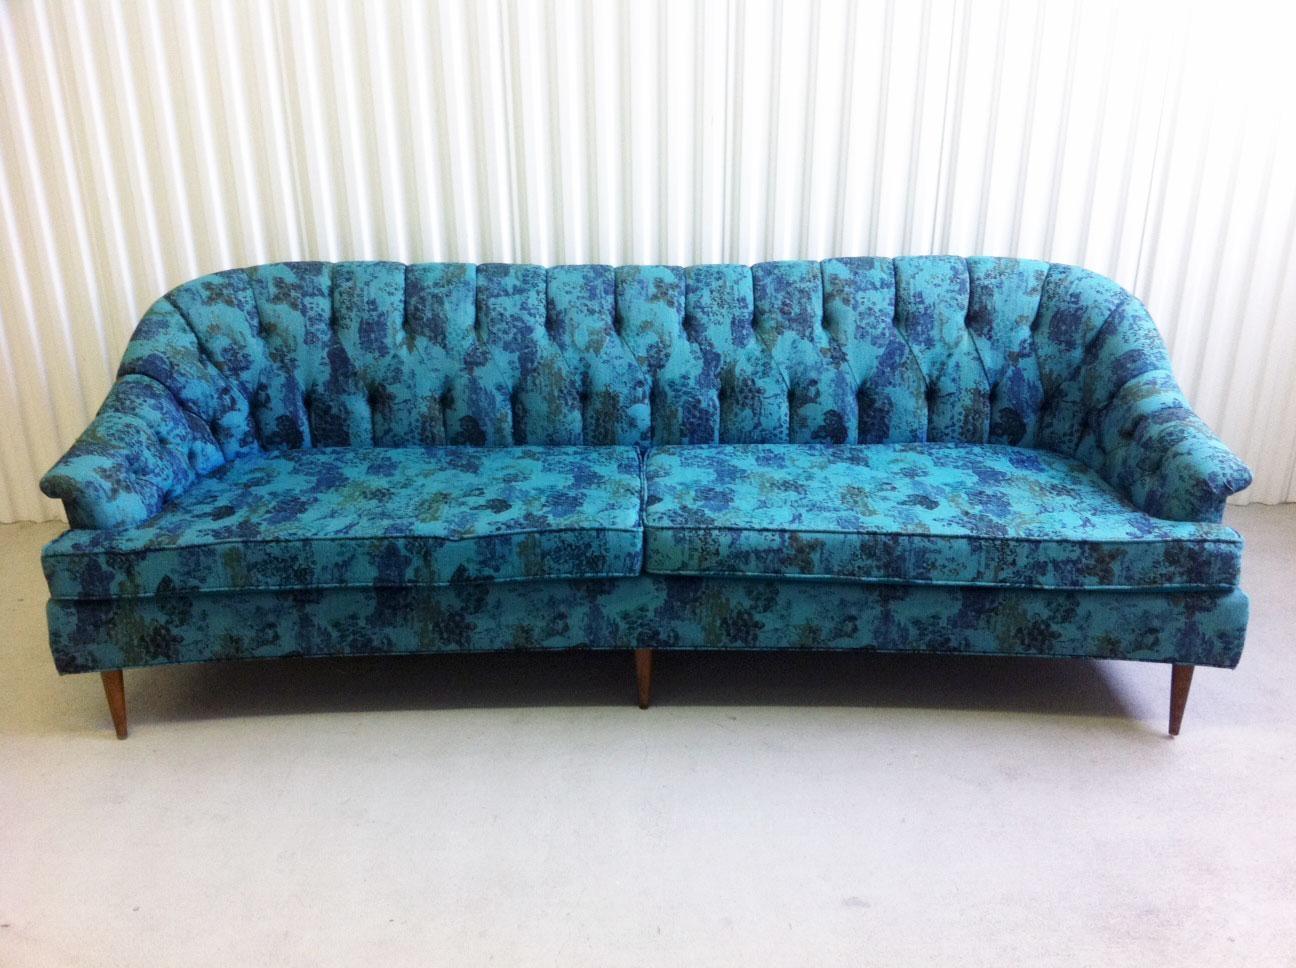 Retro Sofa For Sale 96 With Retro Sofa For Sale | Jinanhongyu Regarding Retro Sofas For Sale (View 6 of 20)